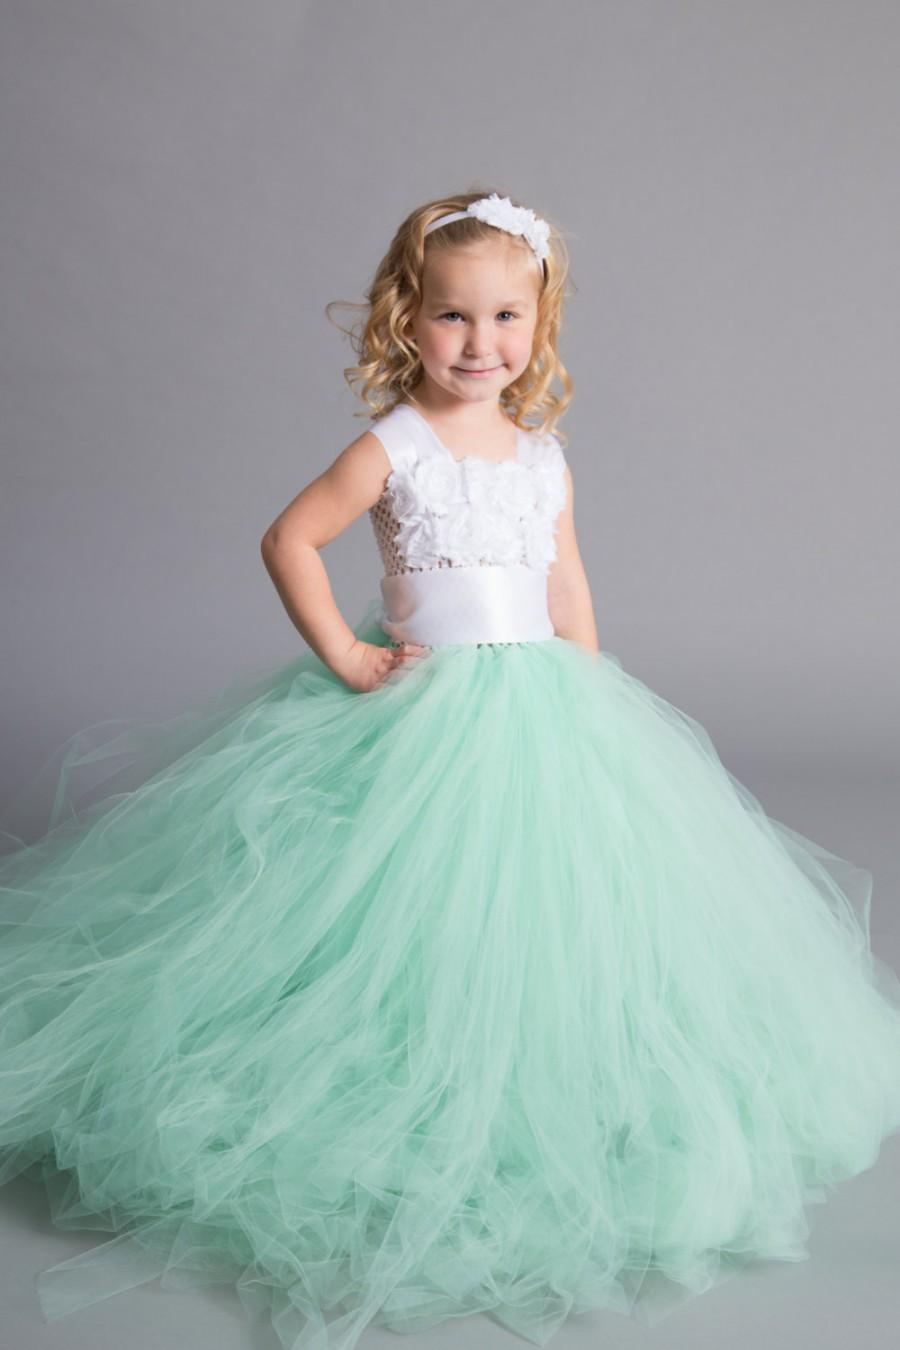 e6dcce15f8e52 Flower Girl Dress - Tulle Flower Girl Dress - Mint Dress - Tulle ...